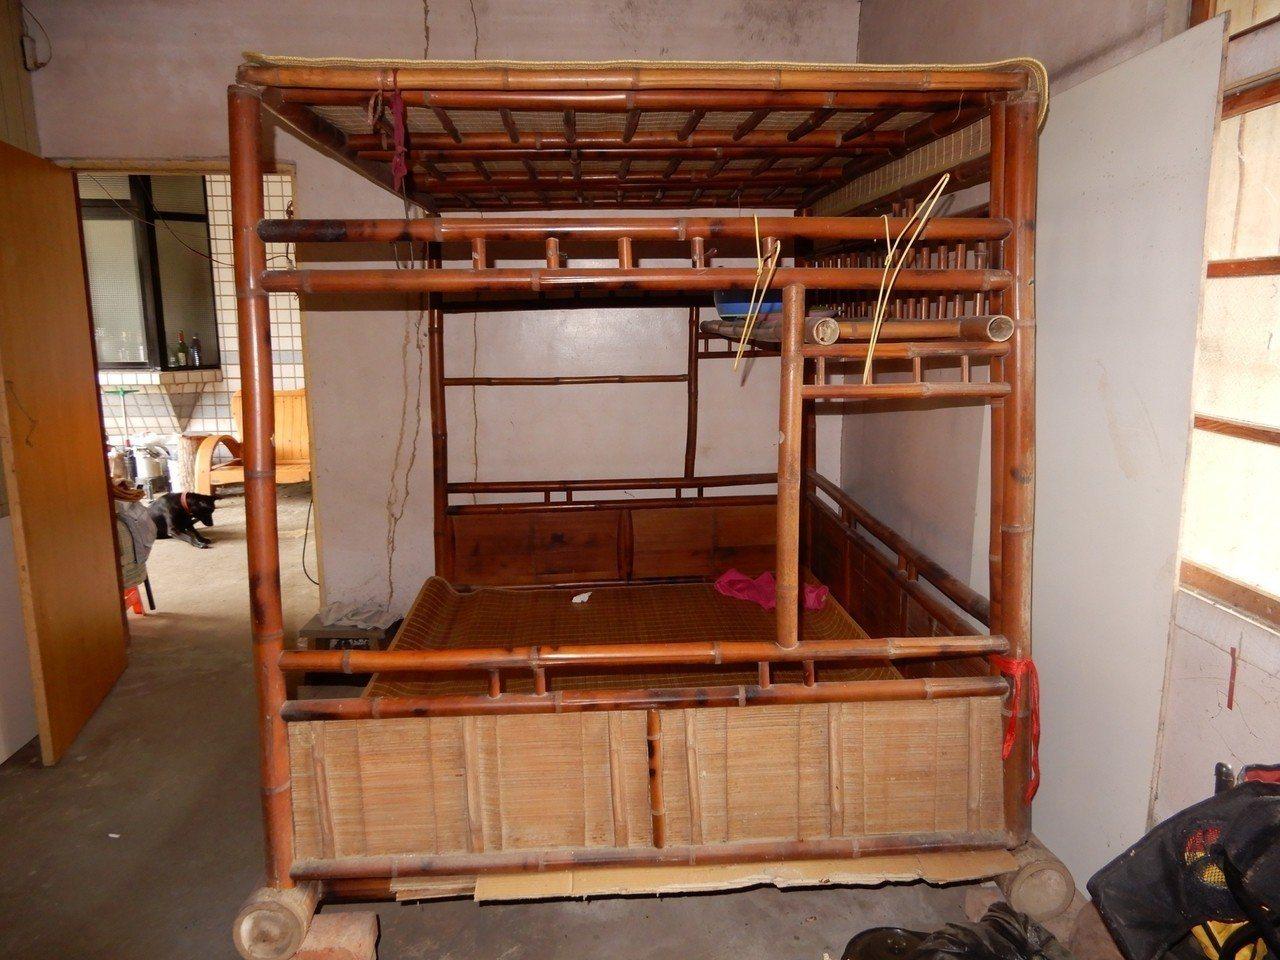 77歲吳榮春家中有逾百年的竹架仔床,架構仍維持完好,目前還在使用。圖/彭宏源提供